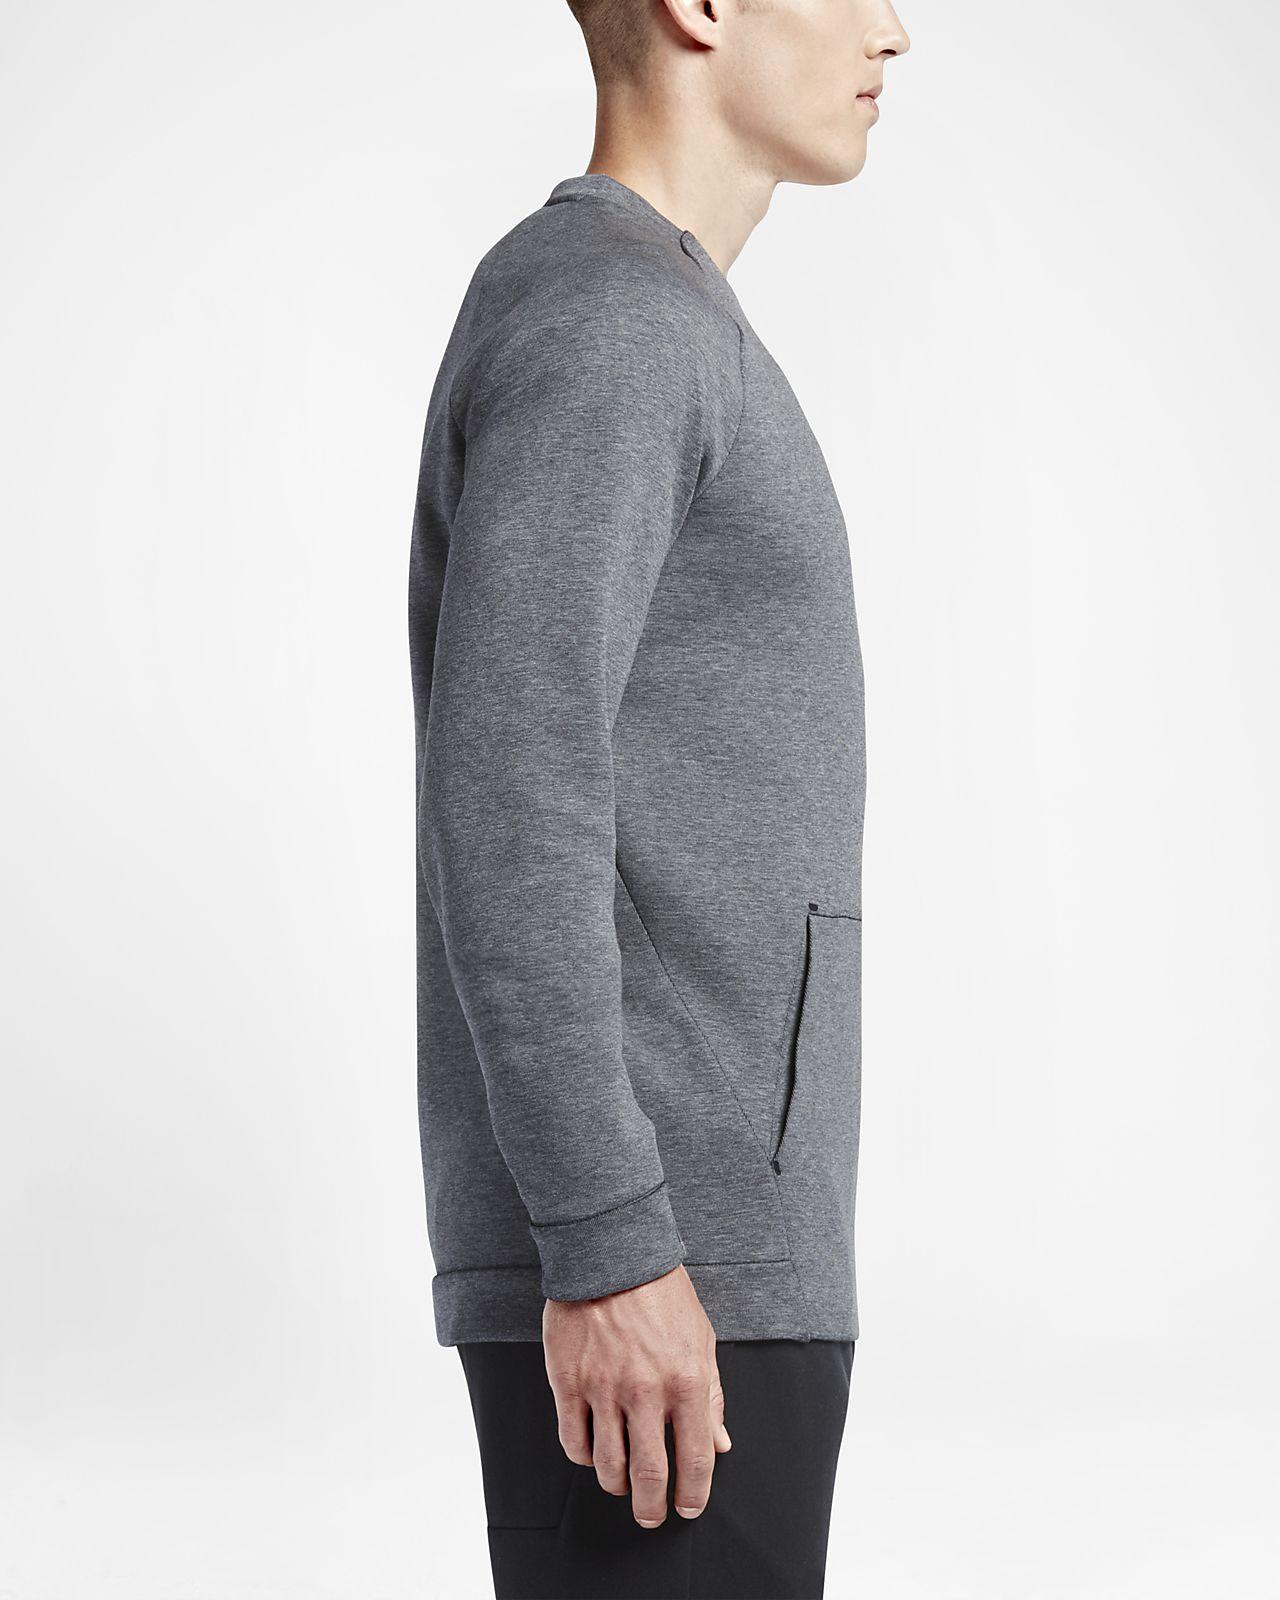 Turnschuhe neuer & gebrauchter designer exzellente Qualität Nike Sportswear Tech Fleece Crew Herren-Sweatshirt